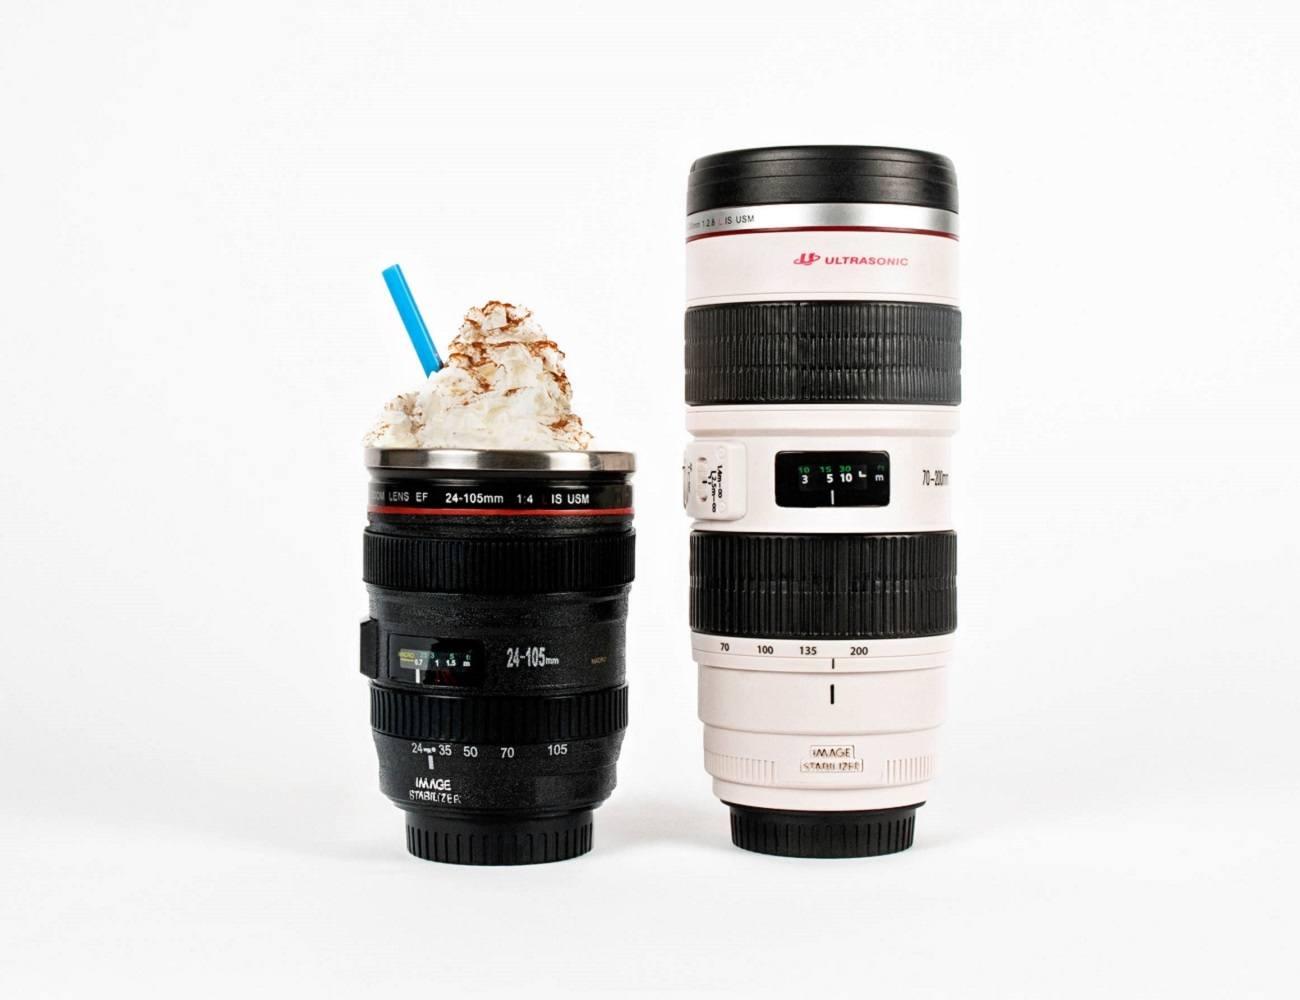 Canon+Camera+Lens+Mug+White